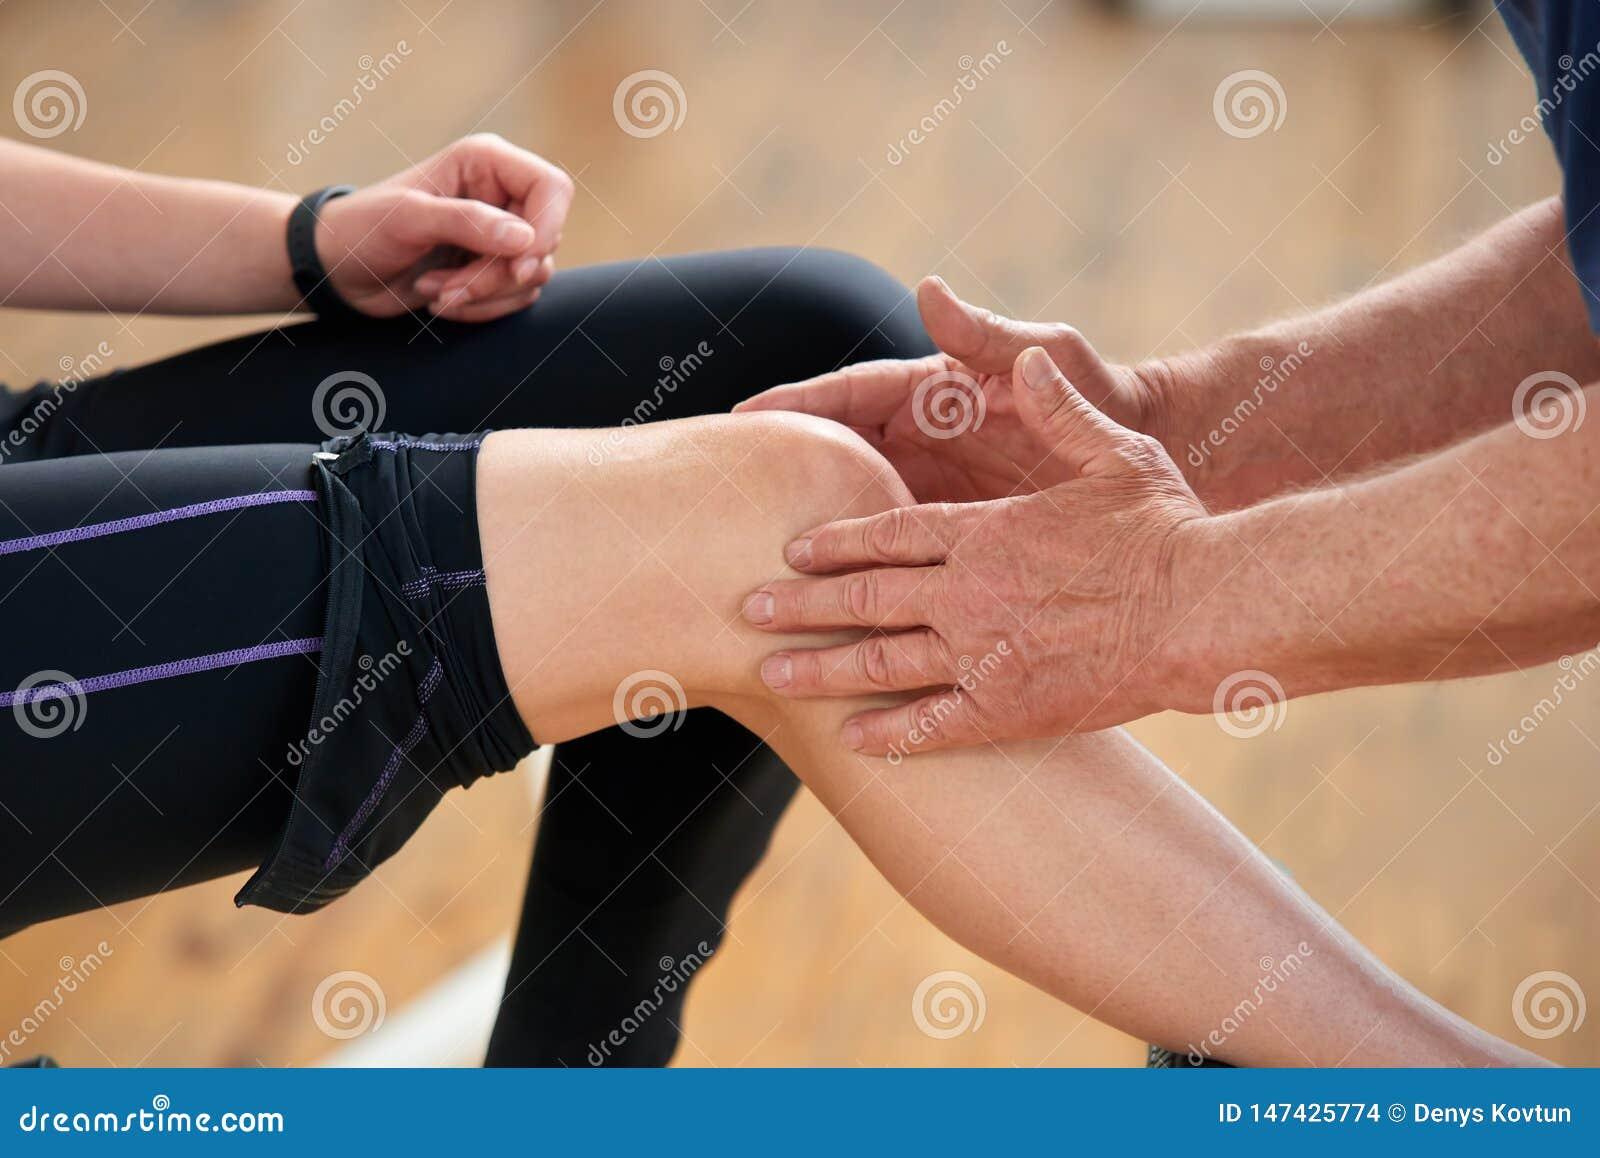 在锻炼期间的肌肉张力